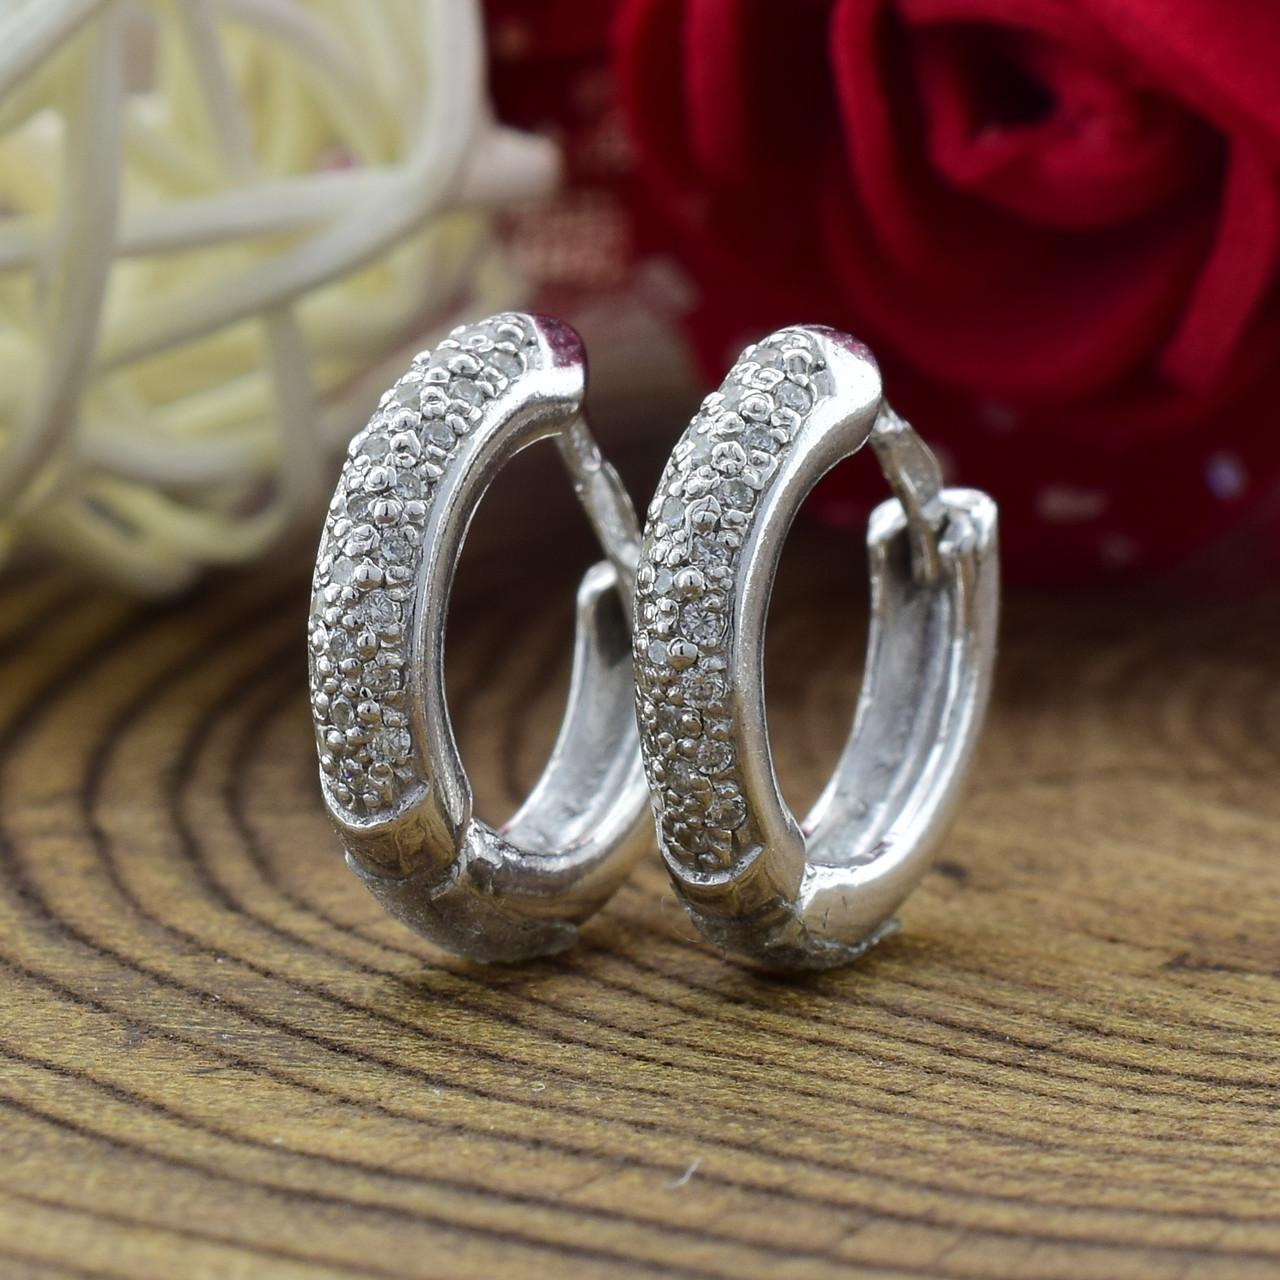 Серебряные серьги Диана размер 13х2 мм вставка белые фианиты вес 2.15 г